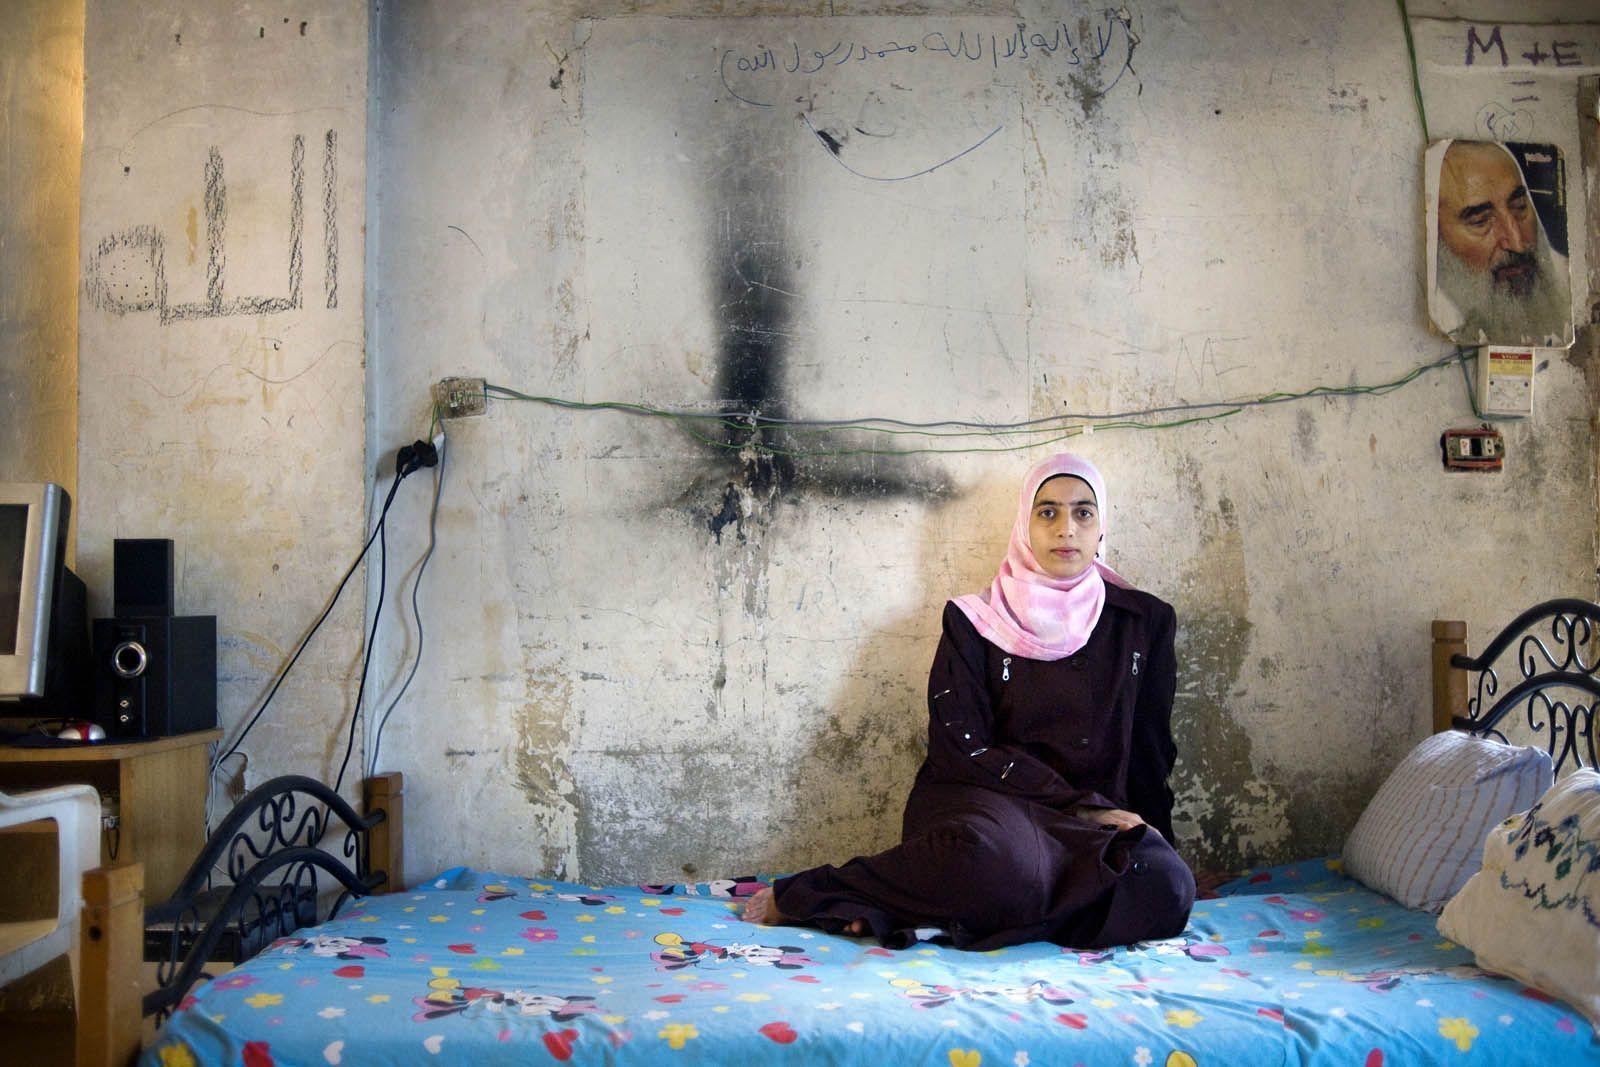 Как выглядят комнаты подростков в США и Ливане